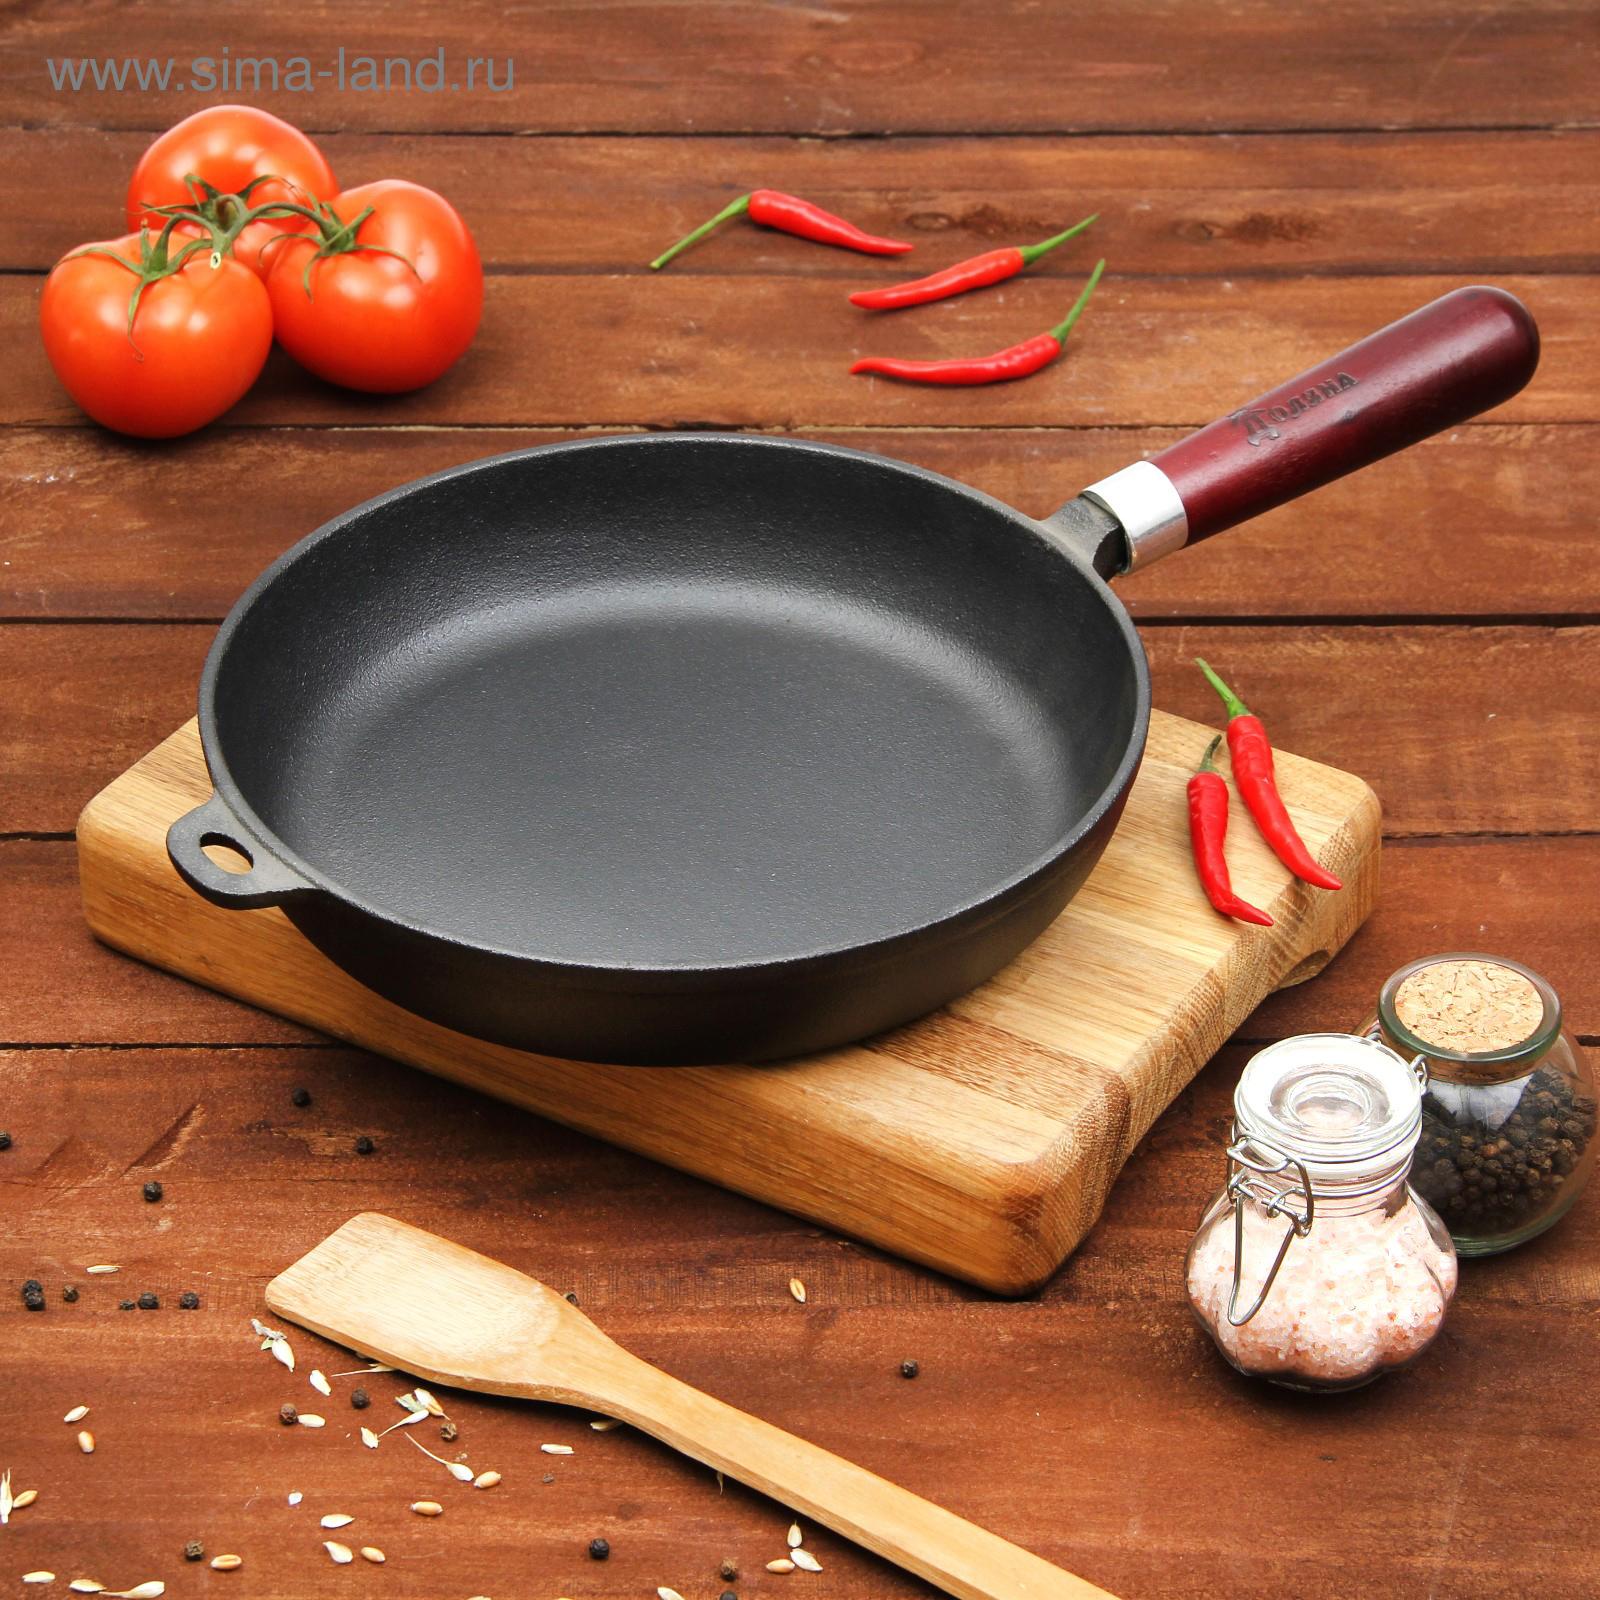 Pans Untuk Memanggang Dalam Ketuhar 22 Foto Ketsy Clay Pans Dan Model Bahagian Dengan Tudung Pilihan Lain